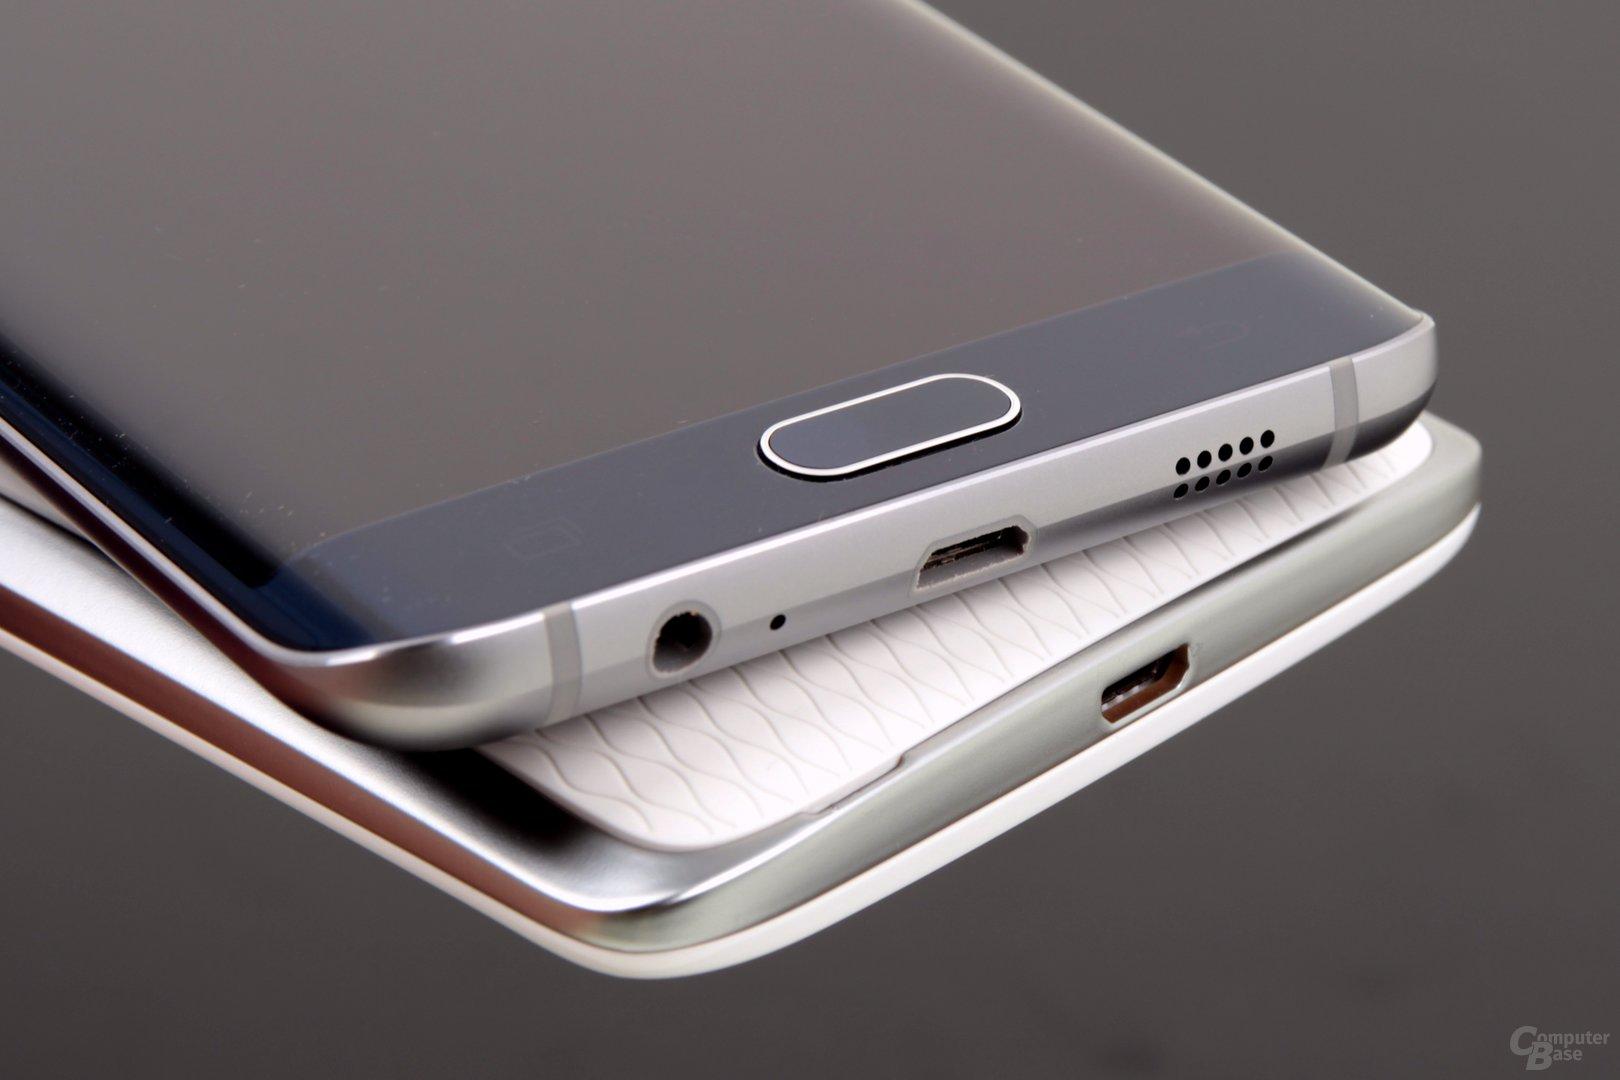 Geladen werden beide Smartphones über Micro-USB